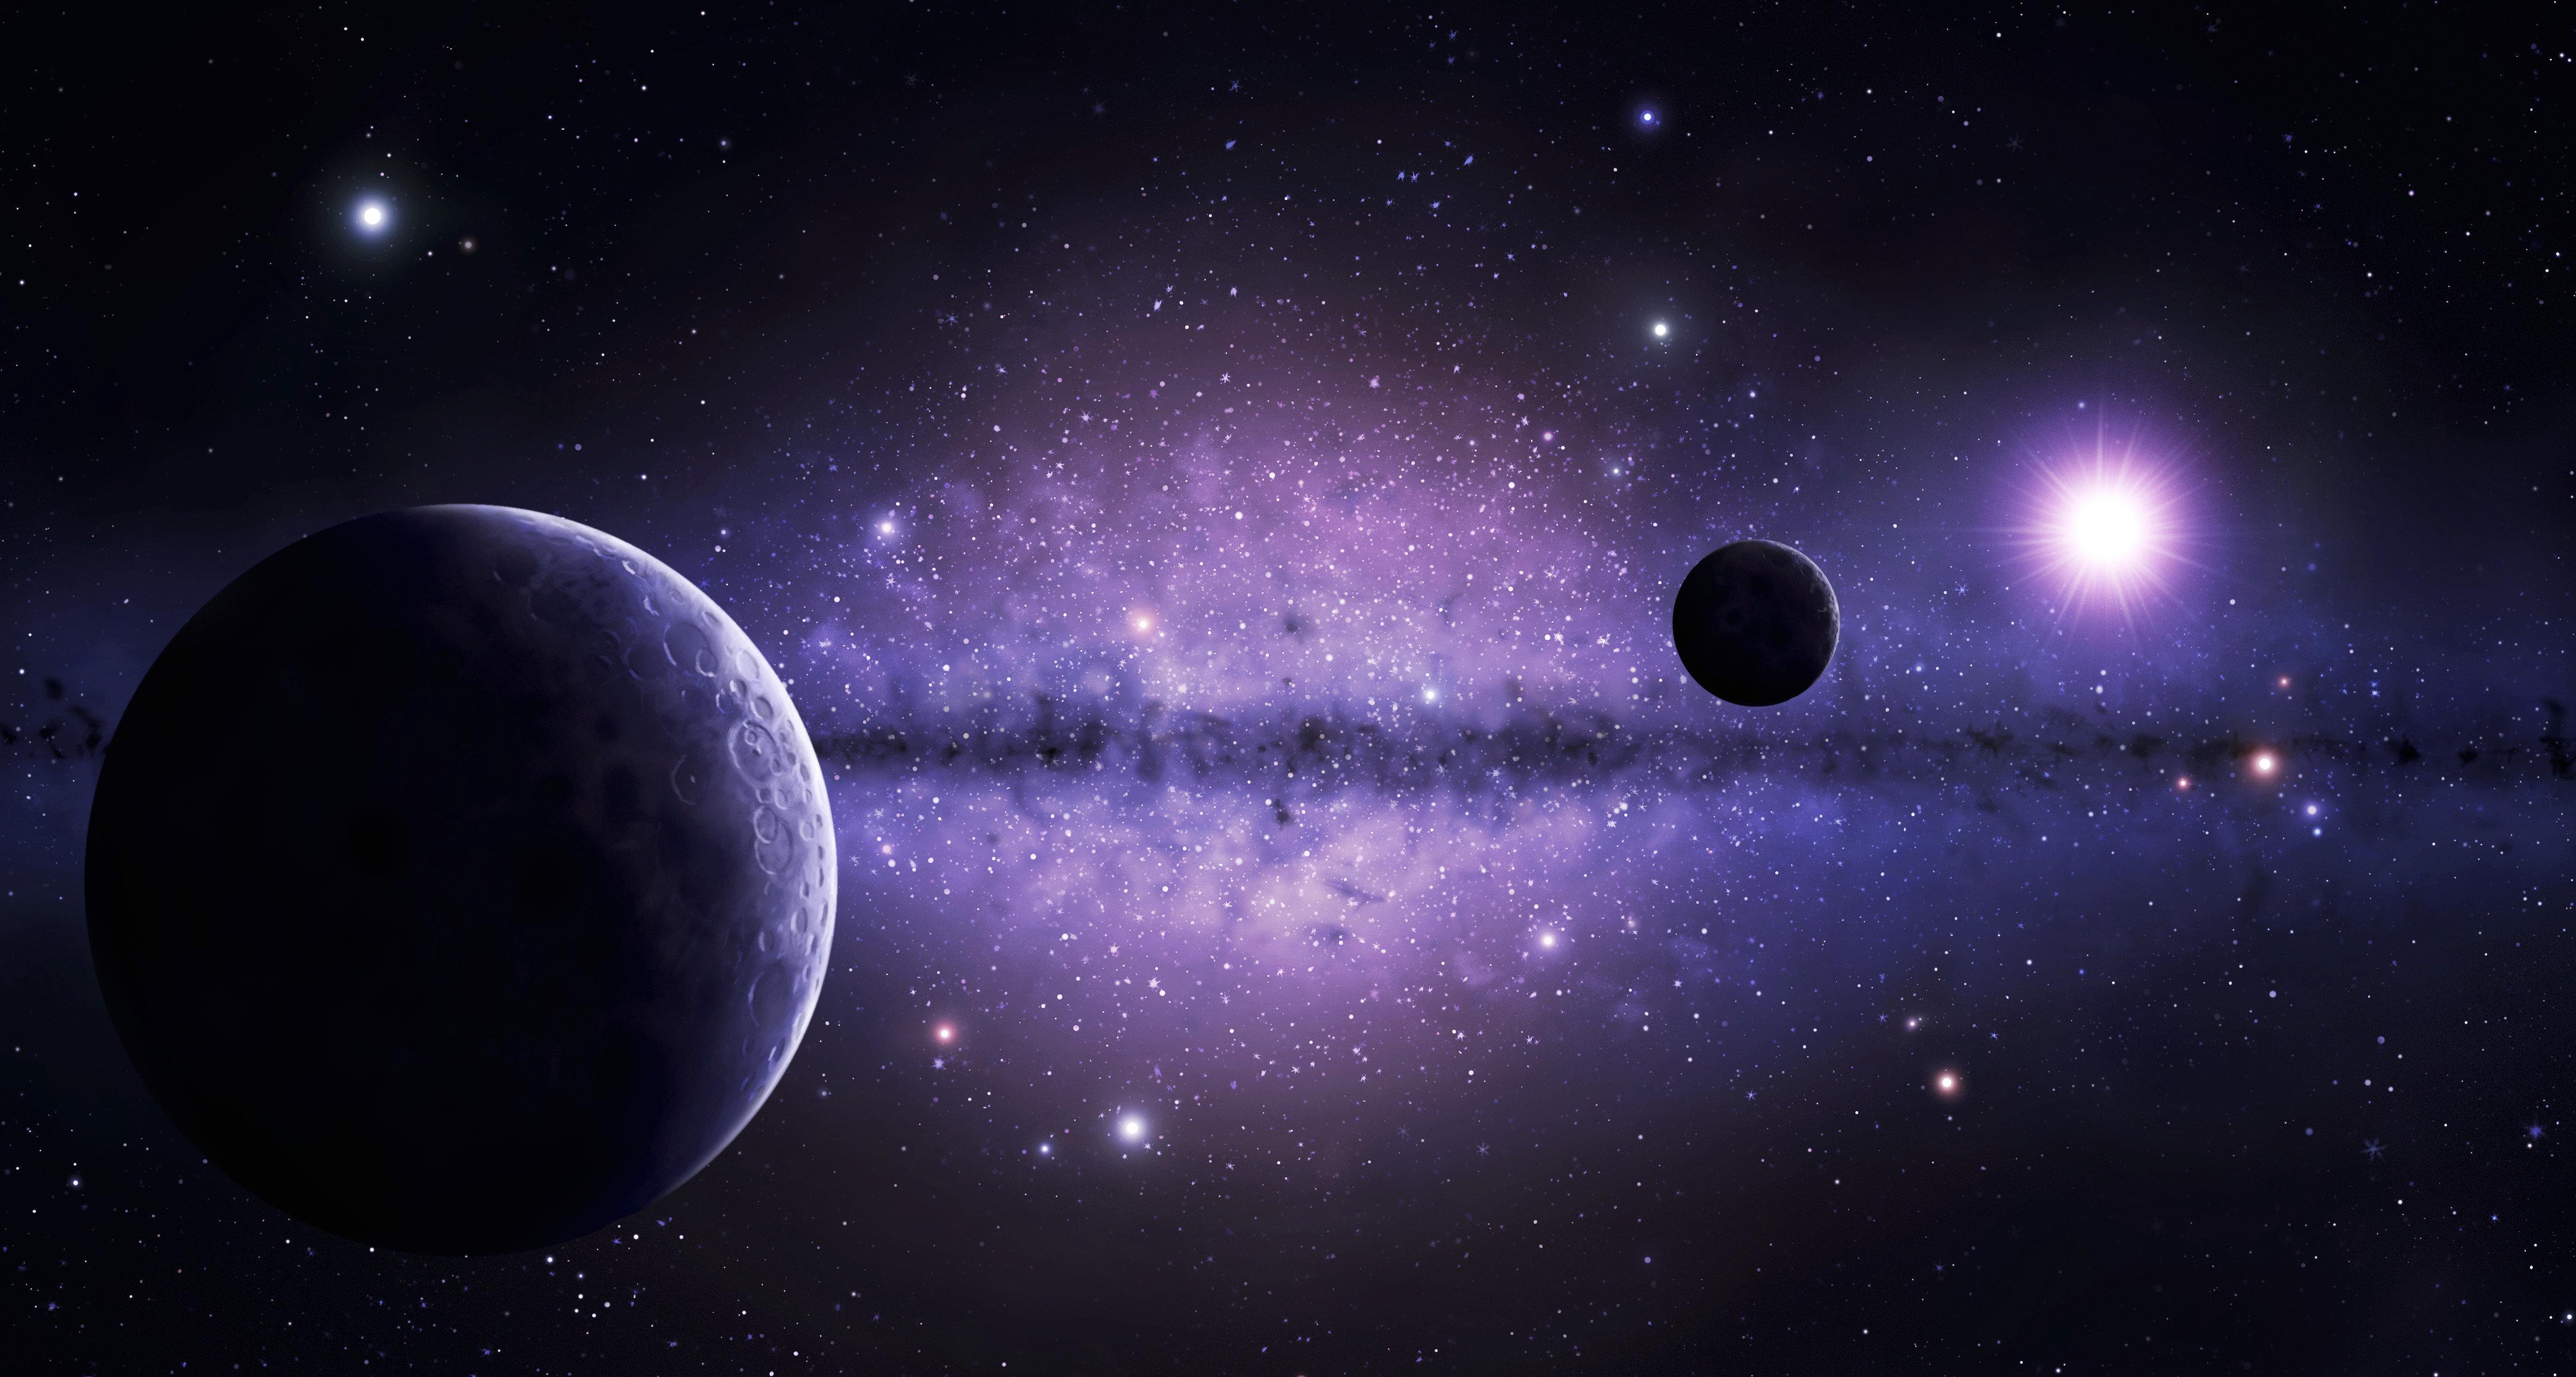 Σκηνές από τα «προσεχώς» της Γης: Ανακαλύφθηκε «πτώμα» εξωπλανήτη σε